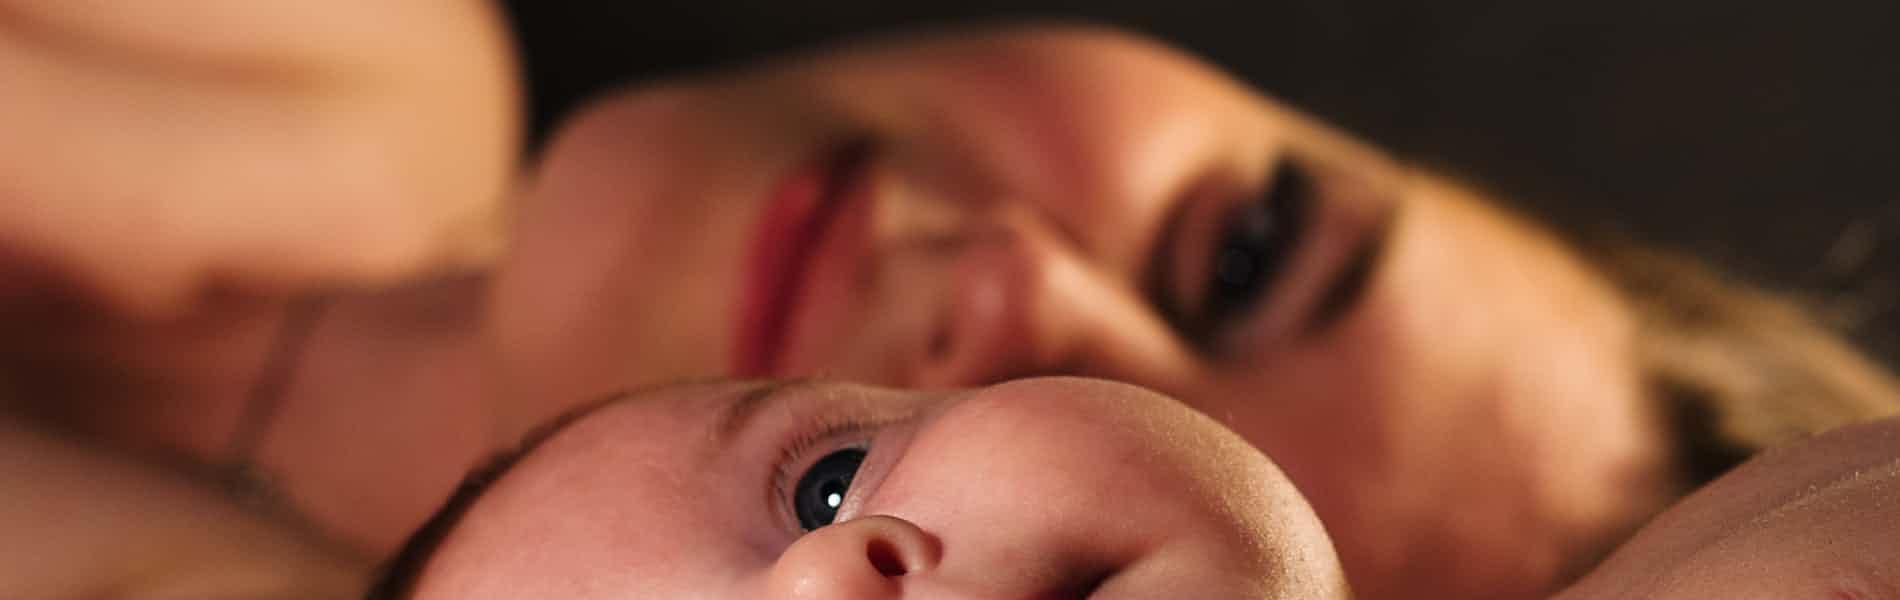 תיקון והתפתחות היכולת לאכפתיות: המקרה של האם השלישית ובניה